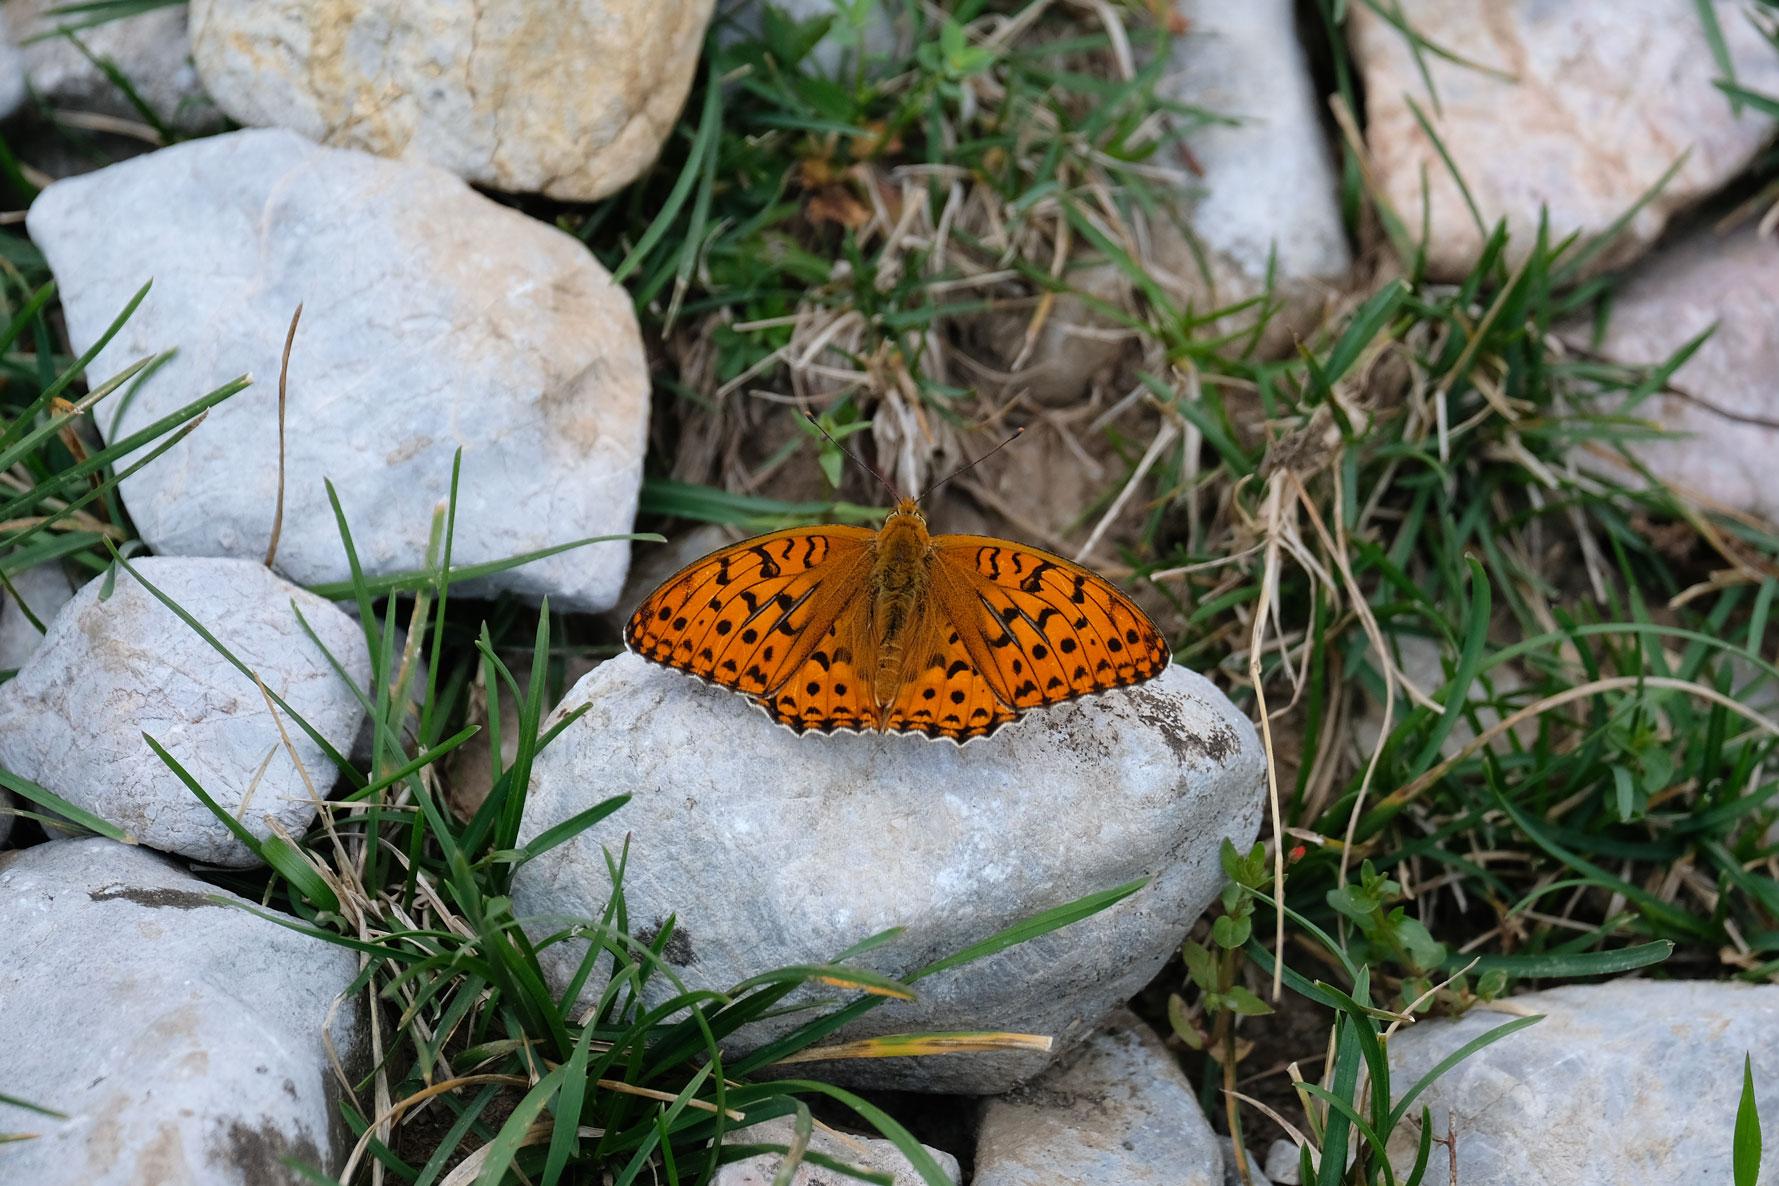 Ein Schmetterling sitzt auf einem Stein.